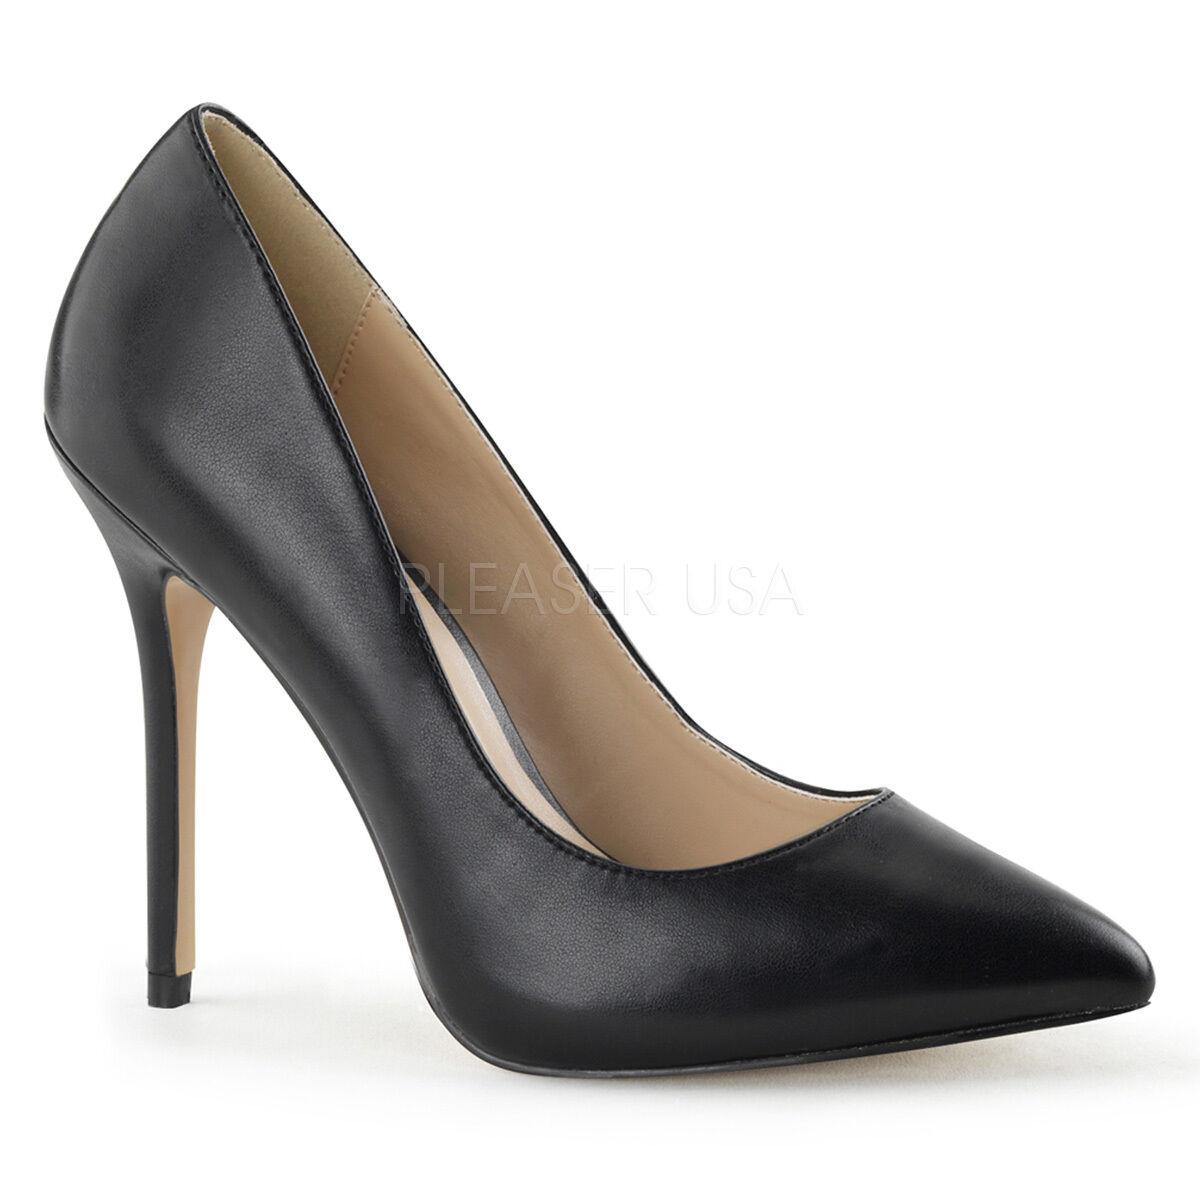 Pleaser 5  Spike Heel Black Vegan Classic Pointy Toe Hidden Platform Pumps 5-16